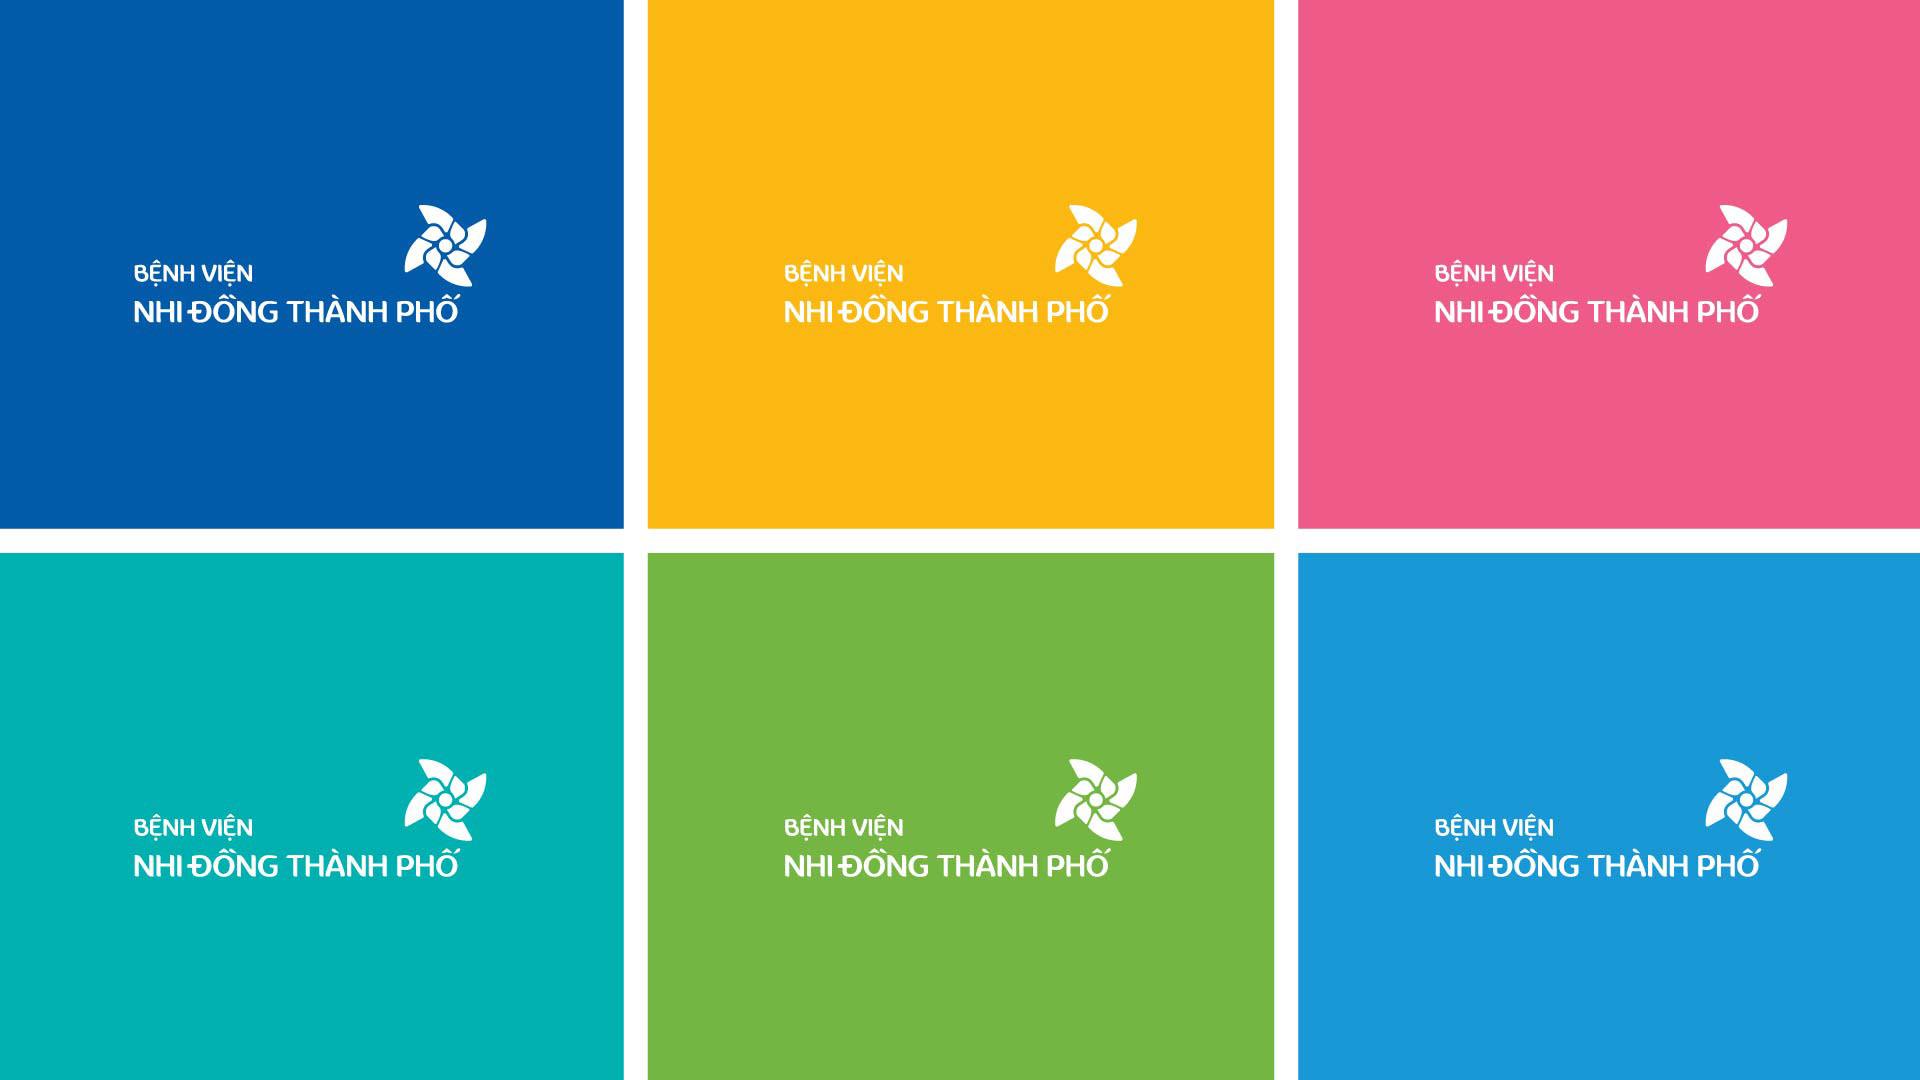 Thiết kế logo bệnh viện đẹp